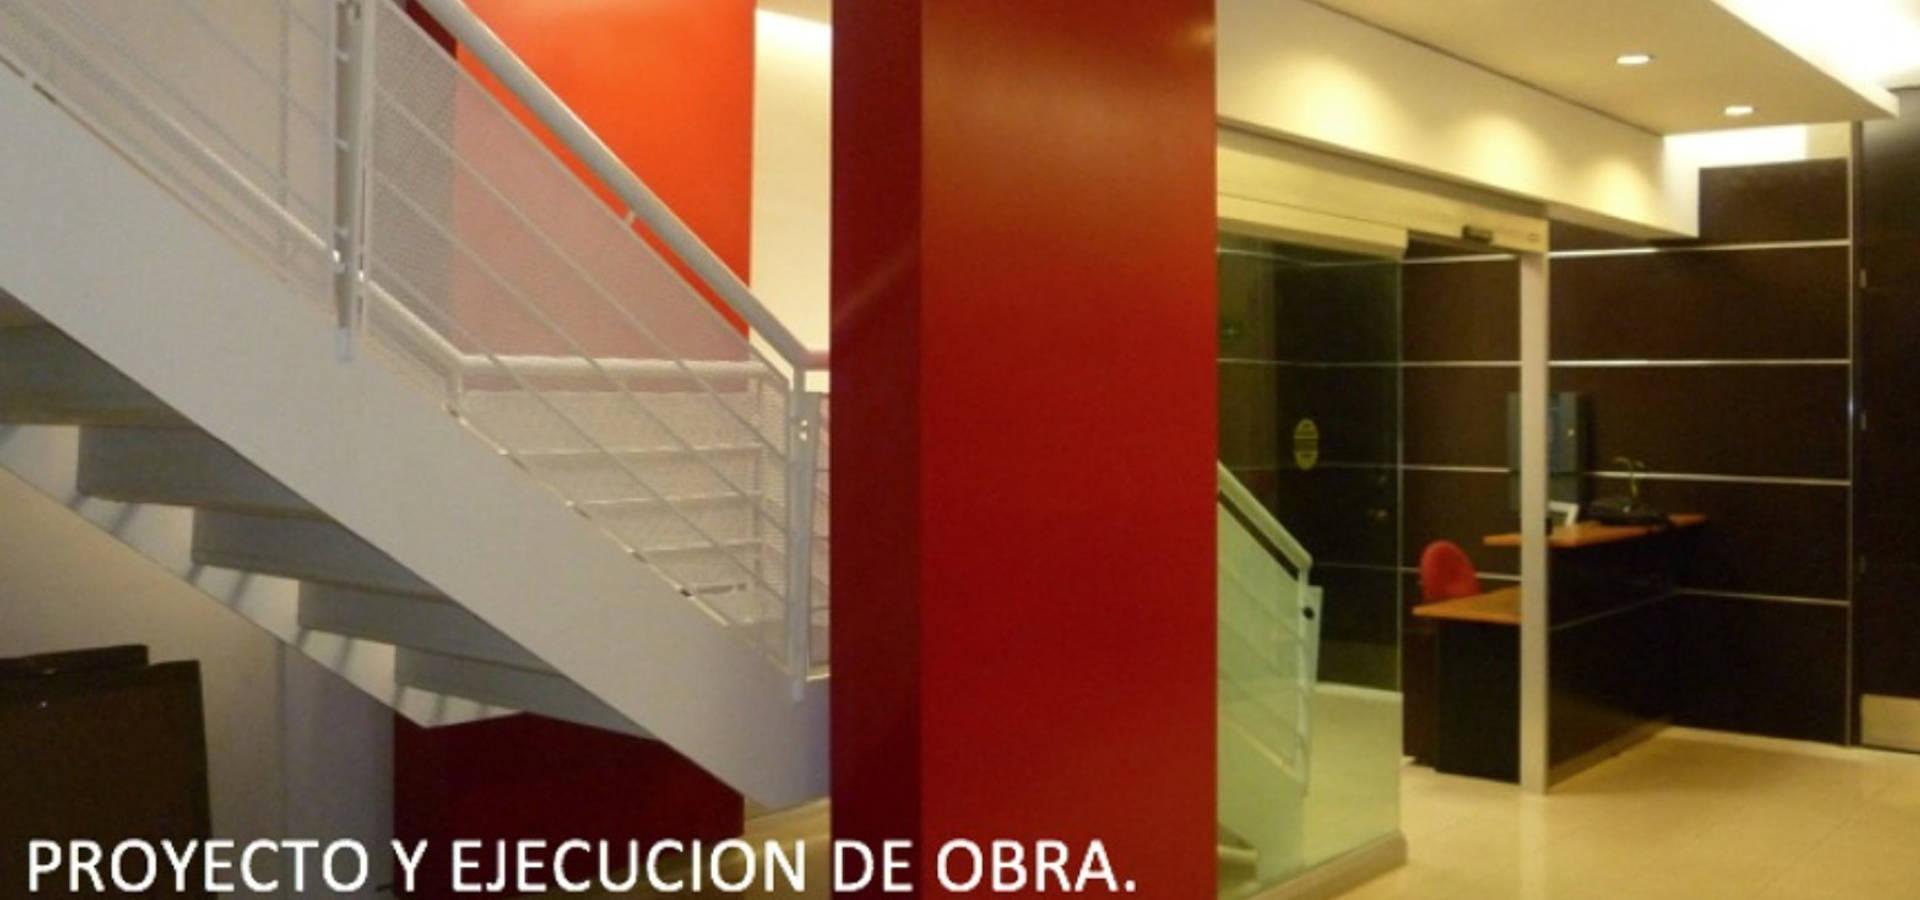 RECREA ARQUITECTURA Y CONSTRUCCION